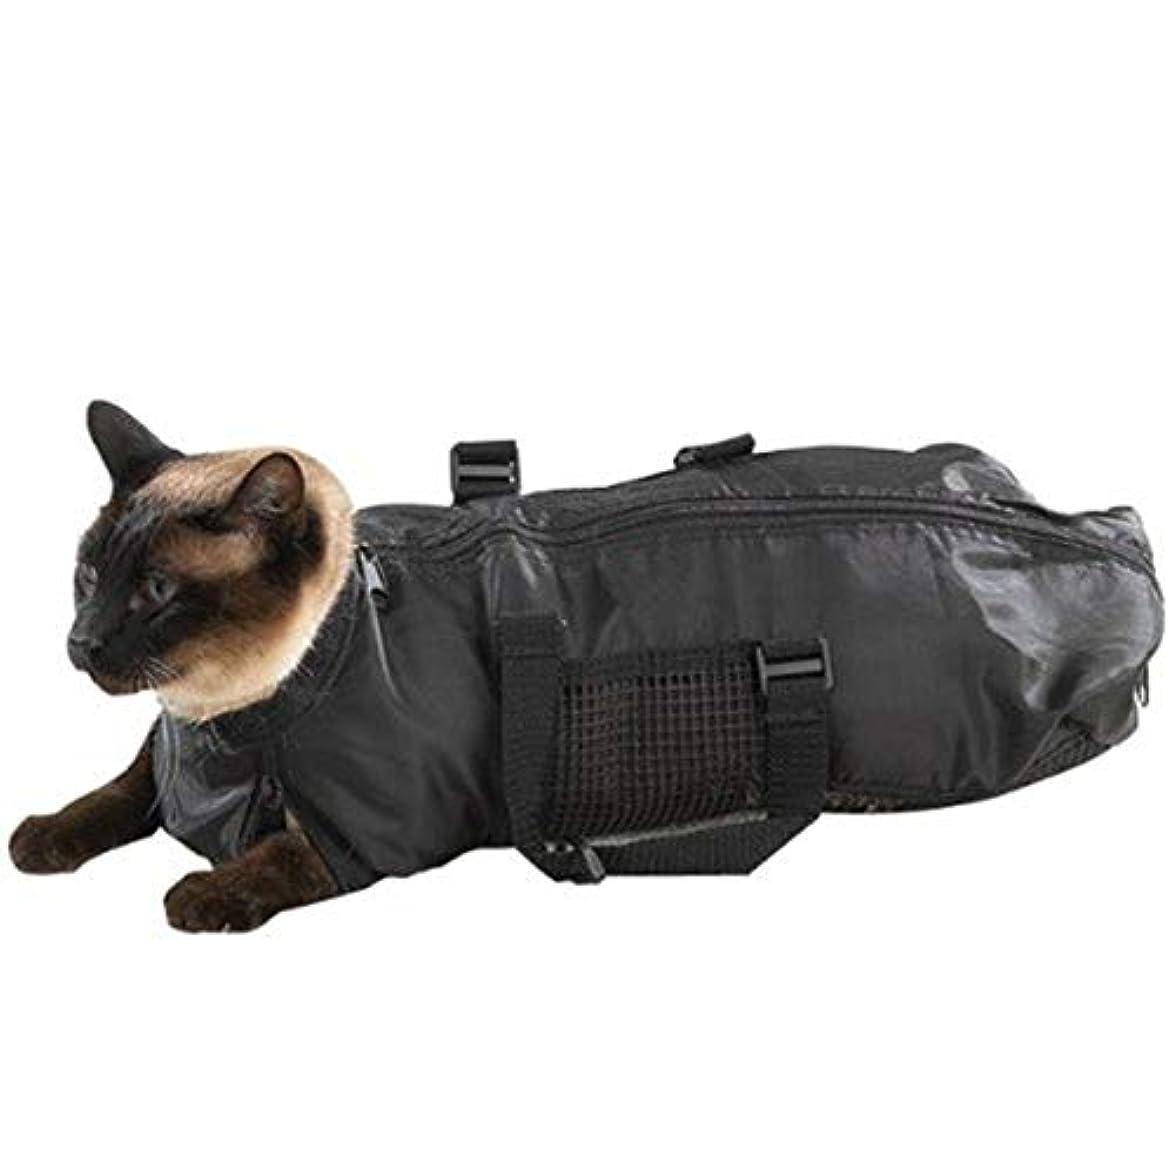 形容詞ティームピカリングSaikogoods ネイルクリッピングお風呂のための猫グルーミングバッグ 耐久性に優れ ノースクラッチ 噛み拘束 多彩なバッグ ペットサプライ 黒